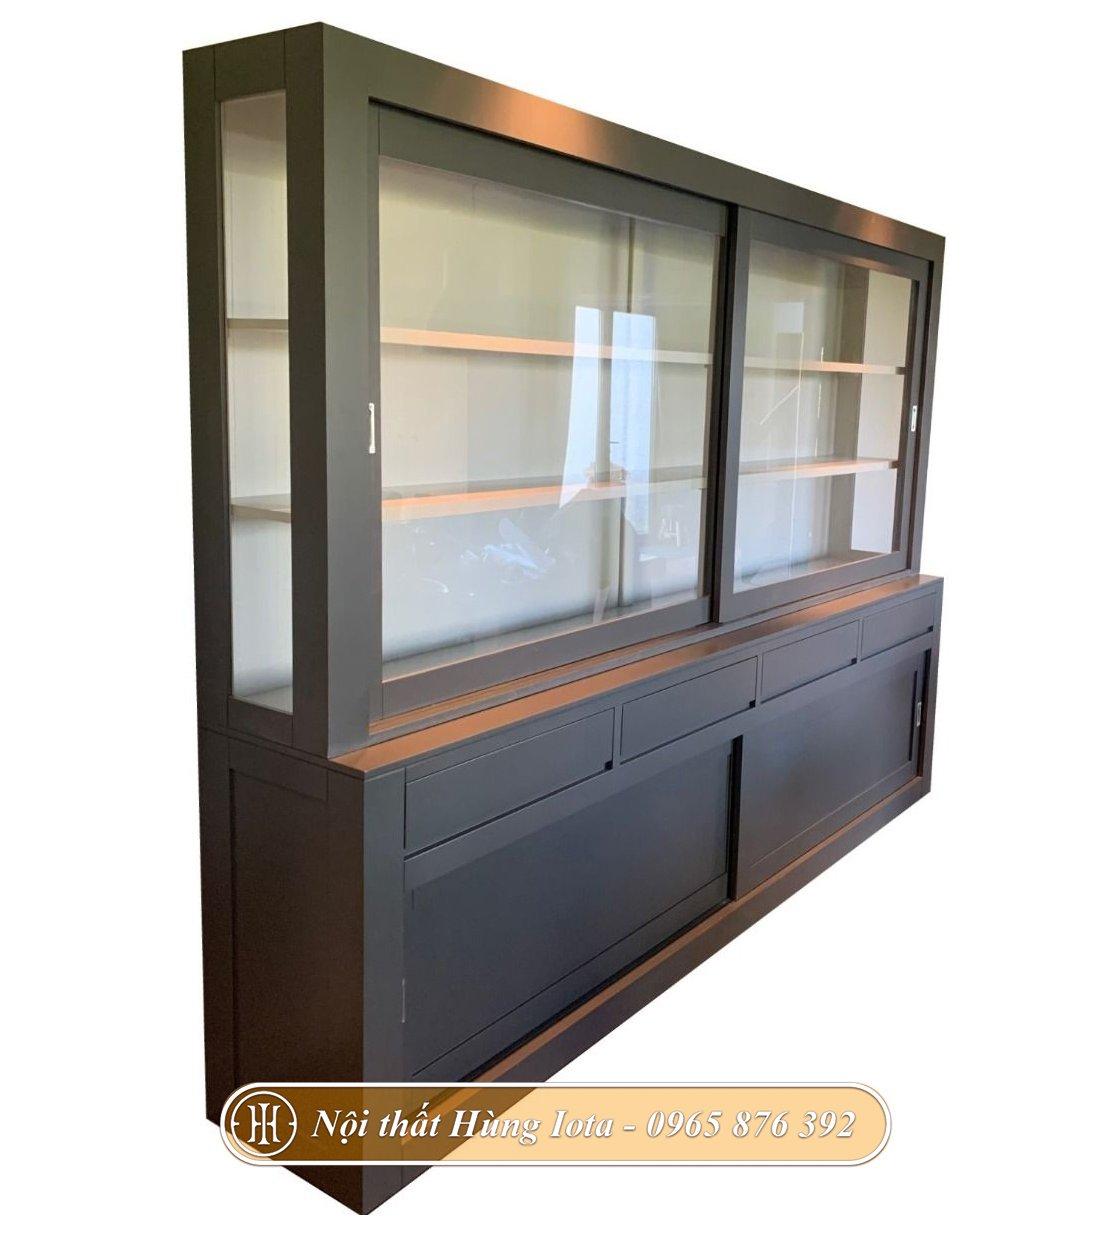 Tủ trưng bày sản phẩm cho cửa hàng màu xám thanh lịch